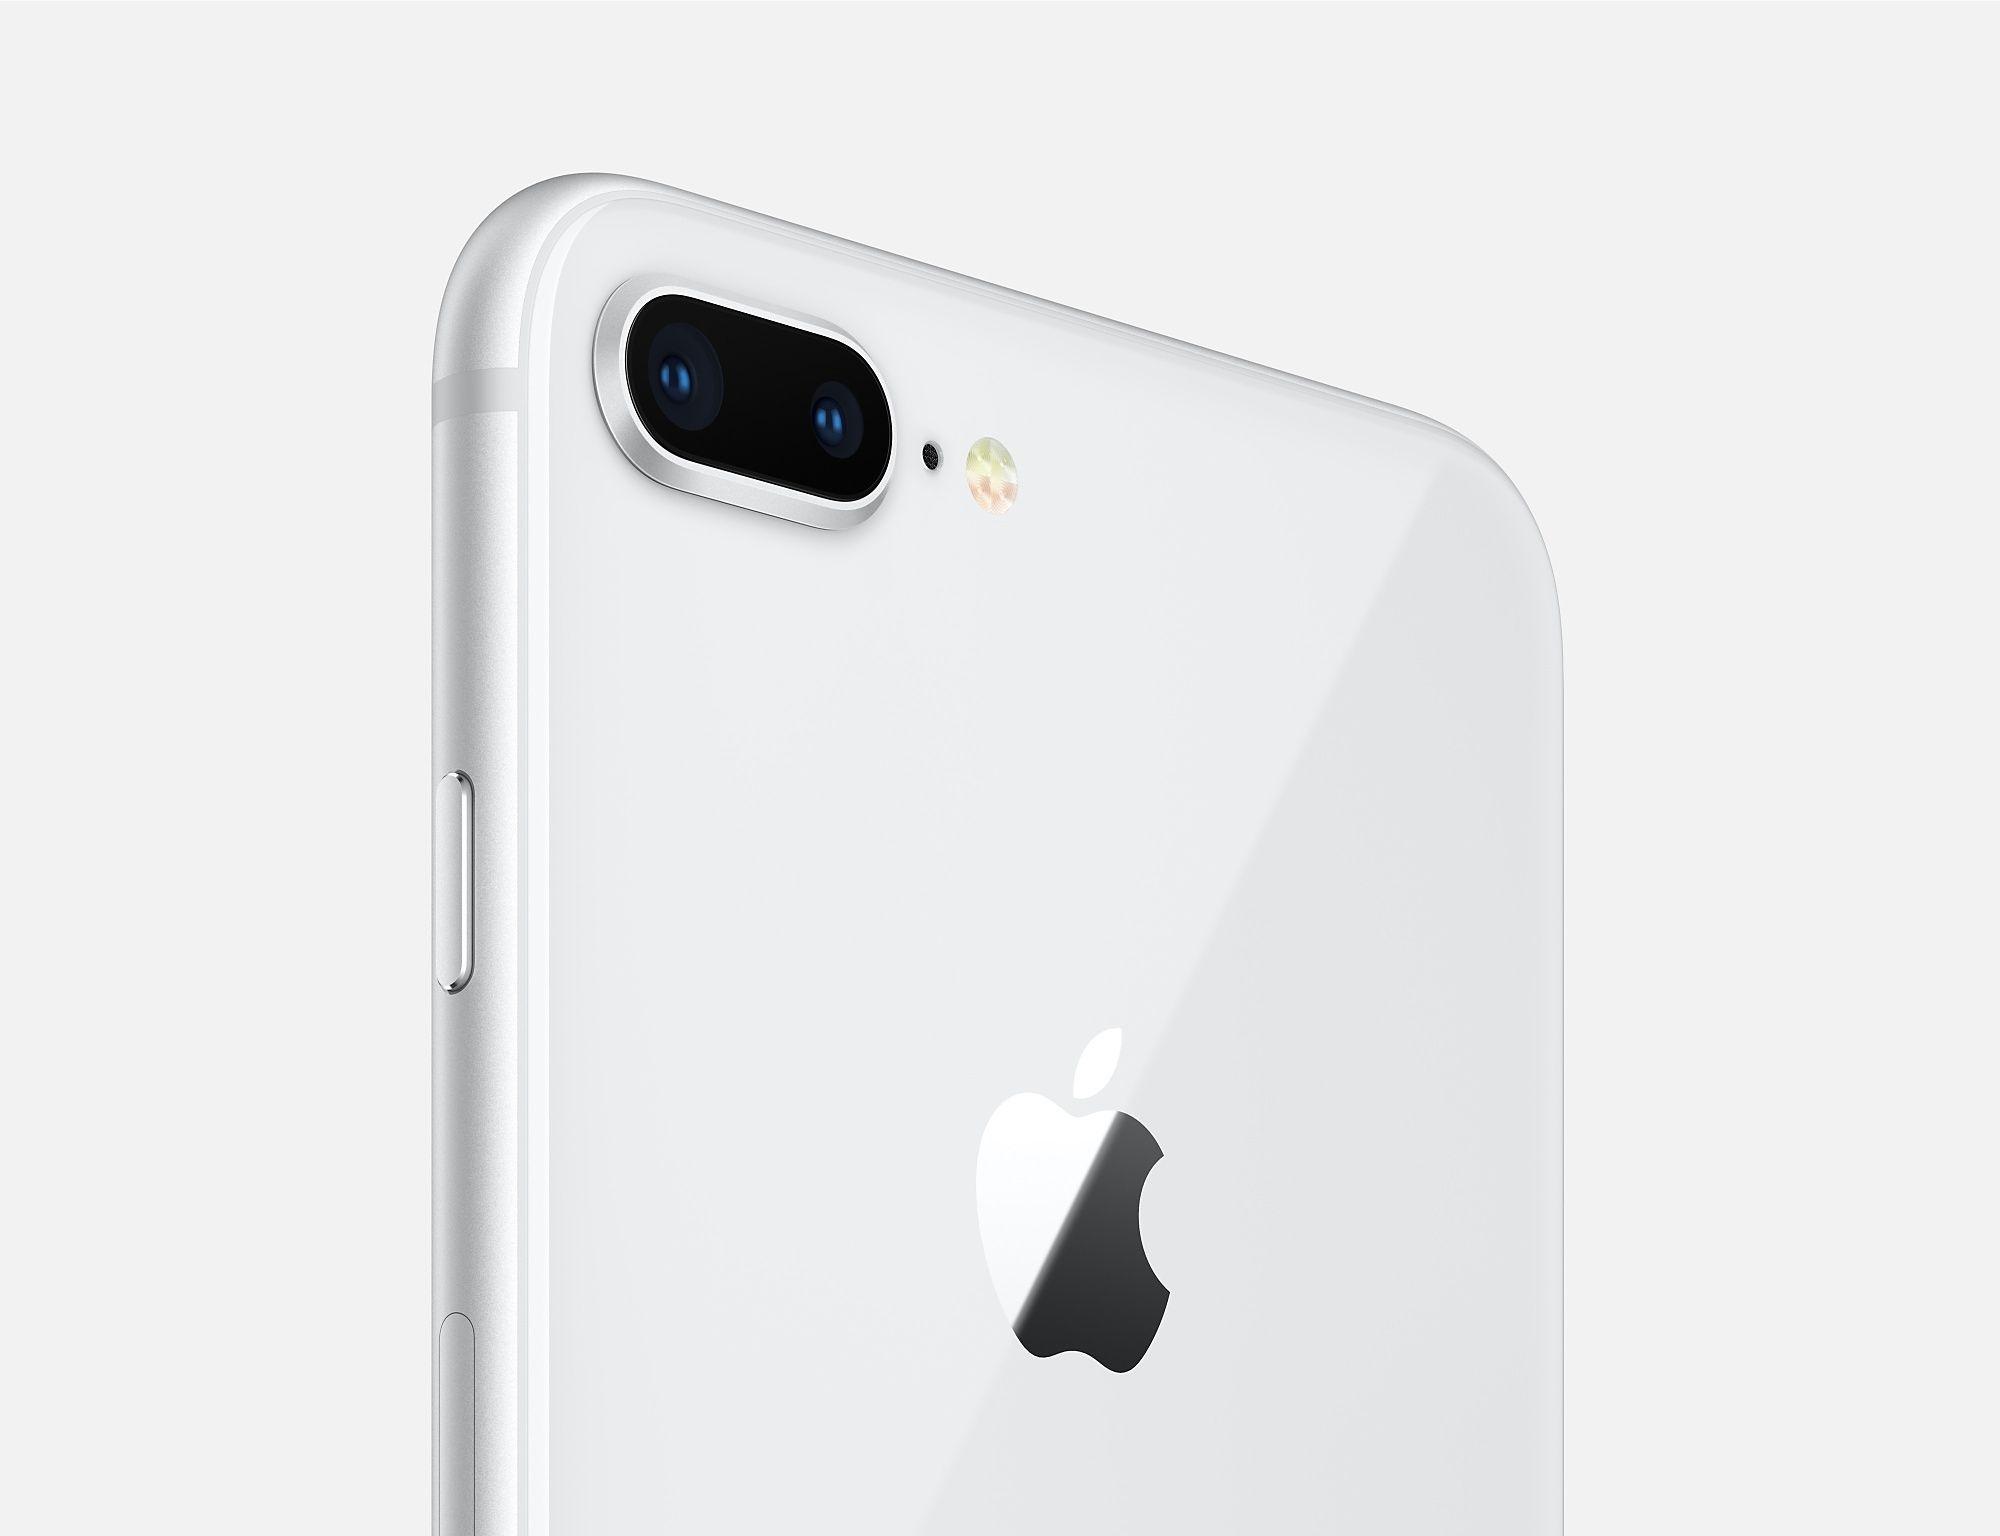 北京维修下载趣赢娱乐手机_外媒曝光iPhone 11 Pro最新渲染图 下载趣赢娱乐首次使用渐变色